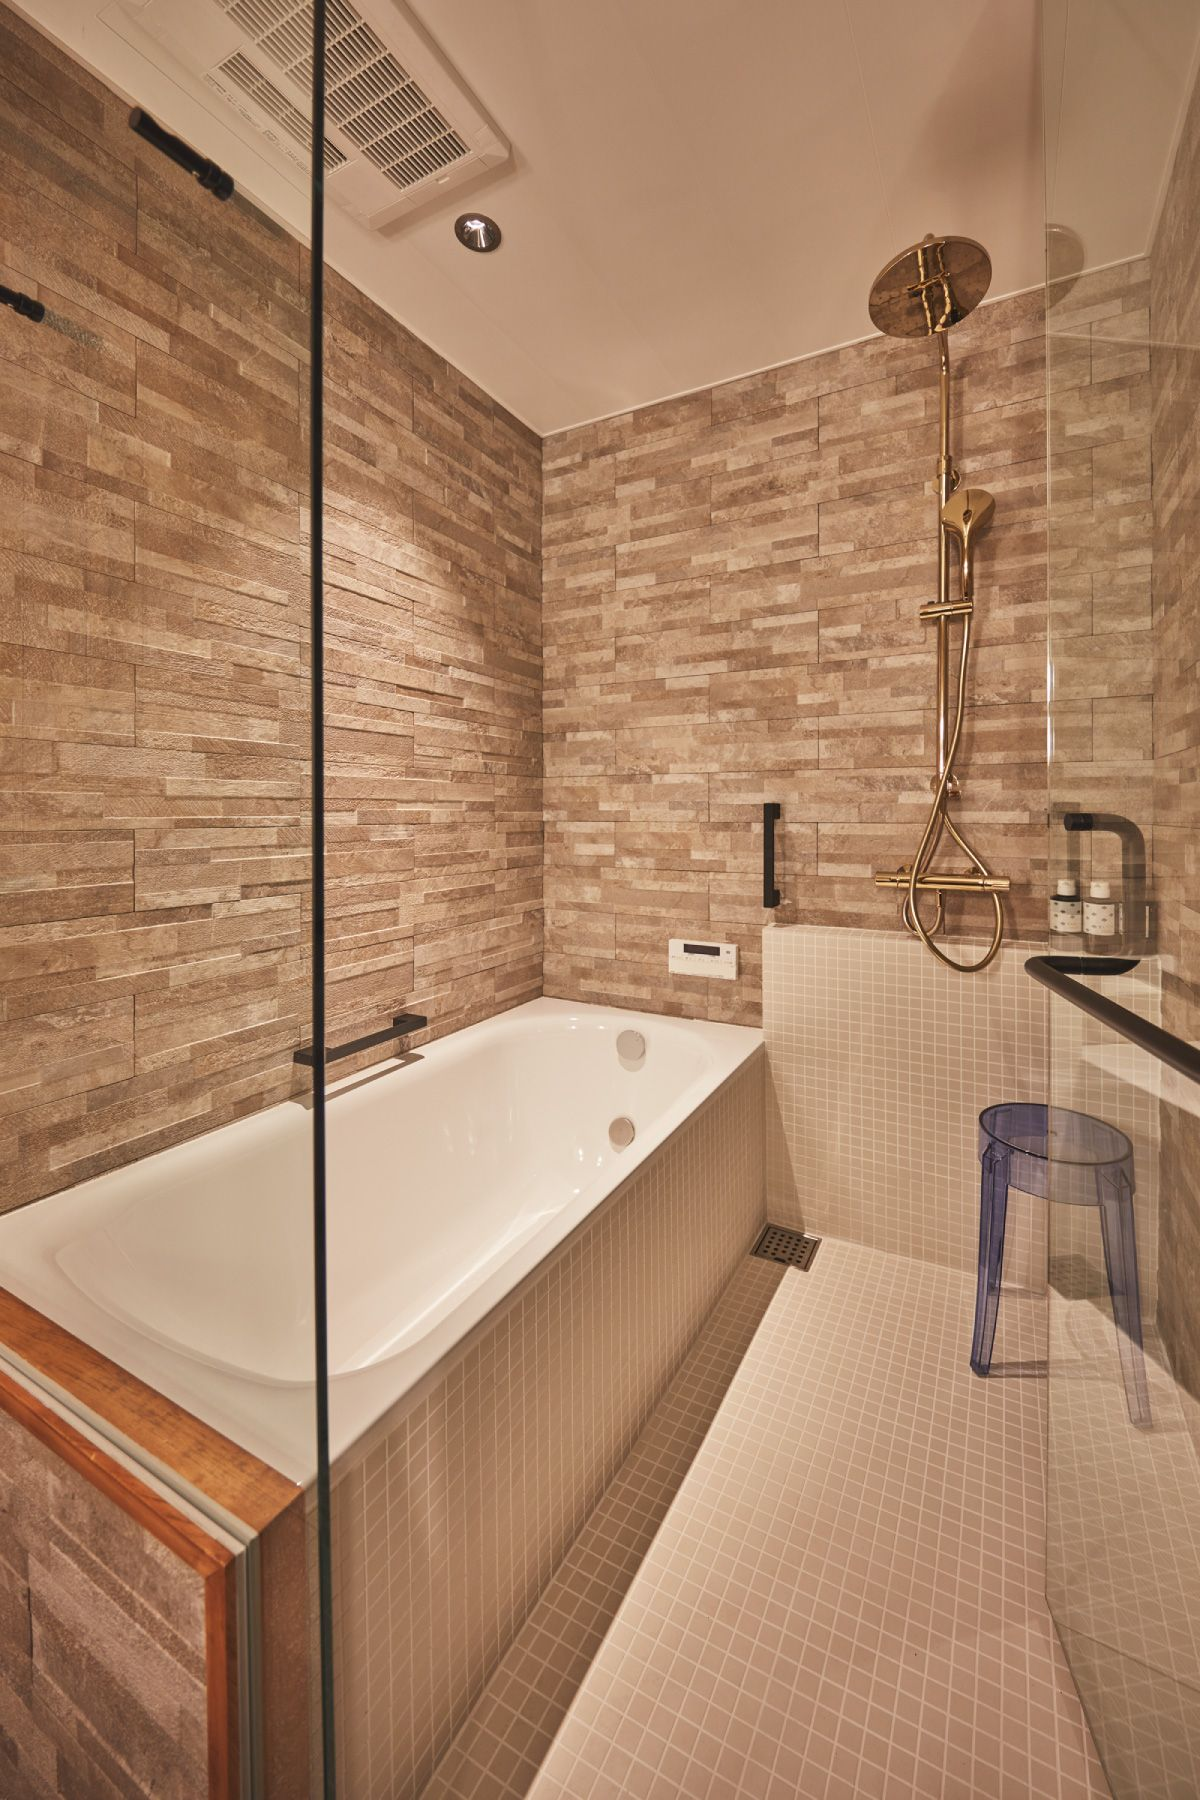 THE FLOW KAMAKURA (ザ フロウ カマクラ)KIRA浴室/ゴールドのレインシャワー